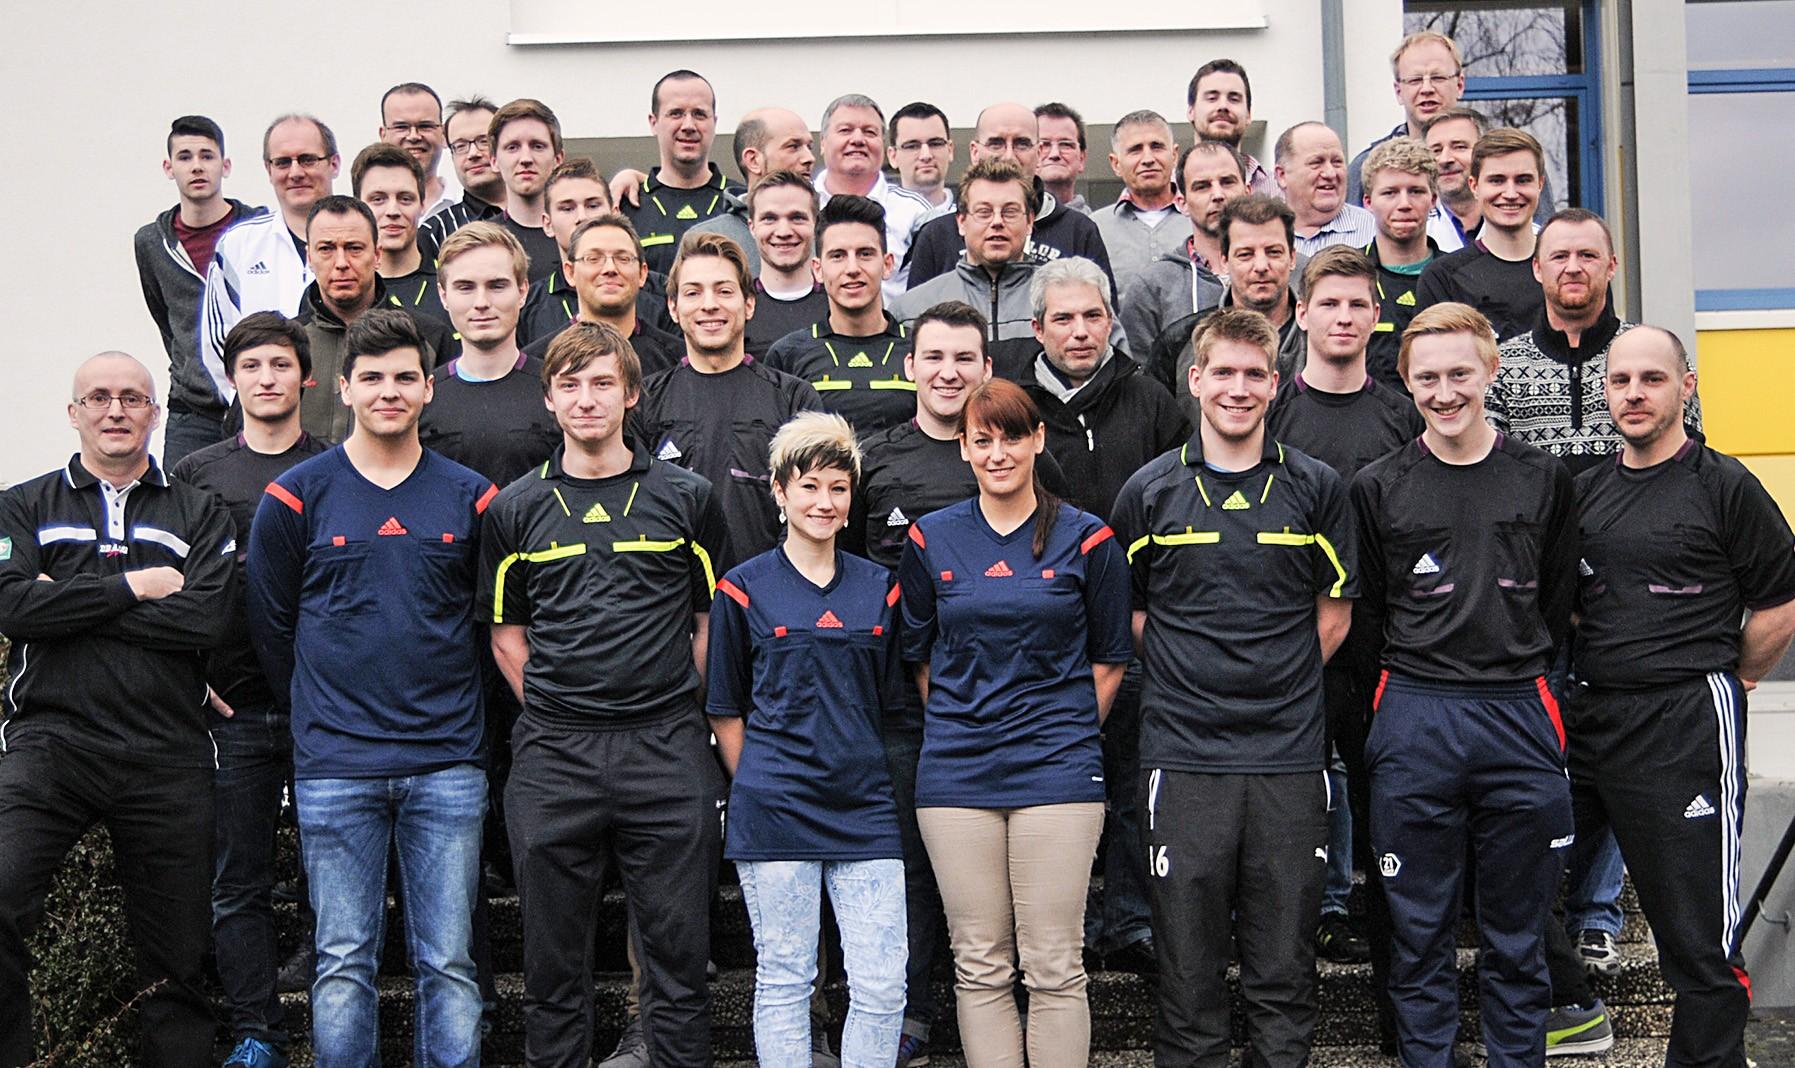 40 Schiedsrichter trafen sich bei der Halbzeittagung in der KSB-Lehrstätte in Himmelsthür.